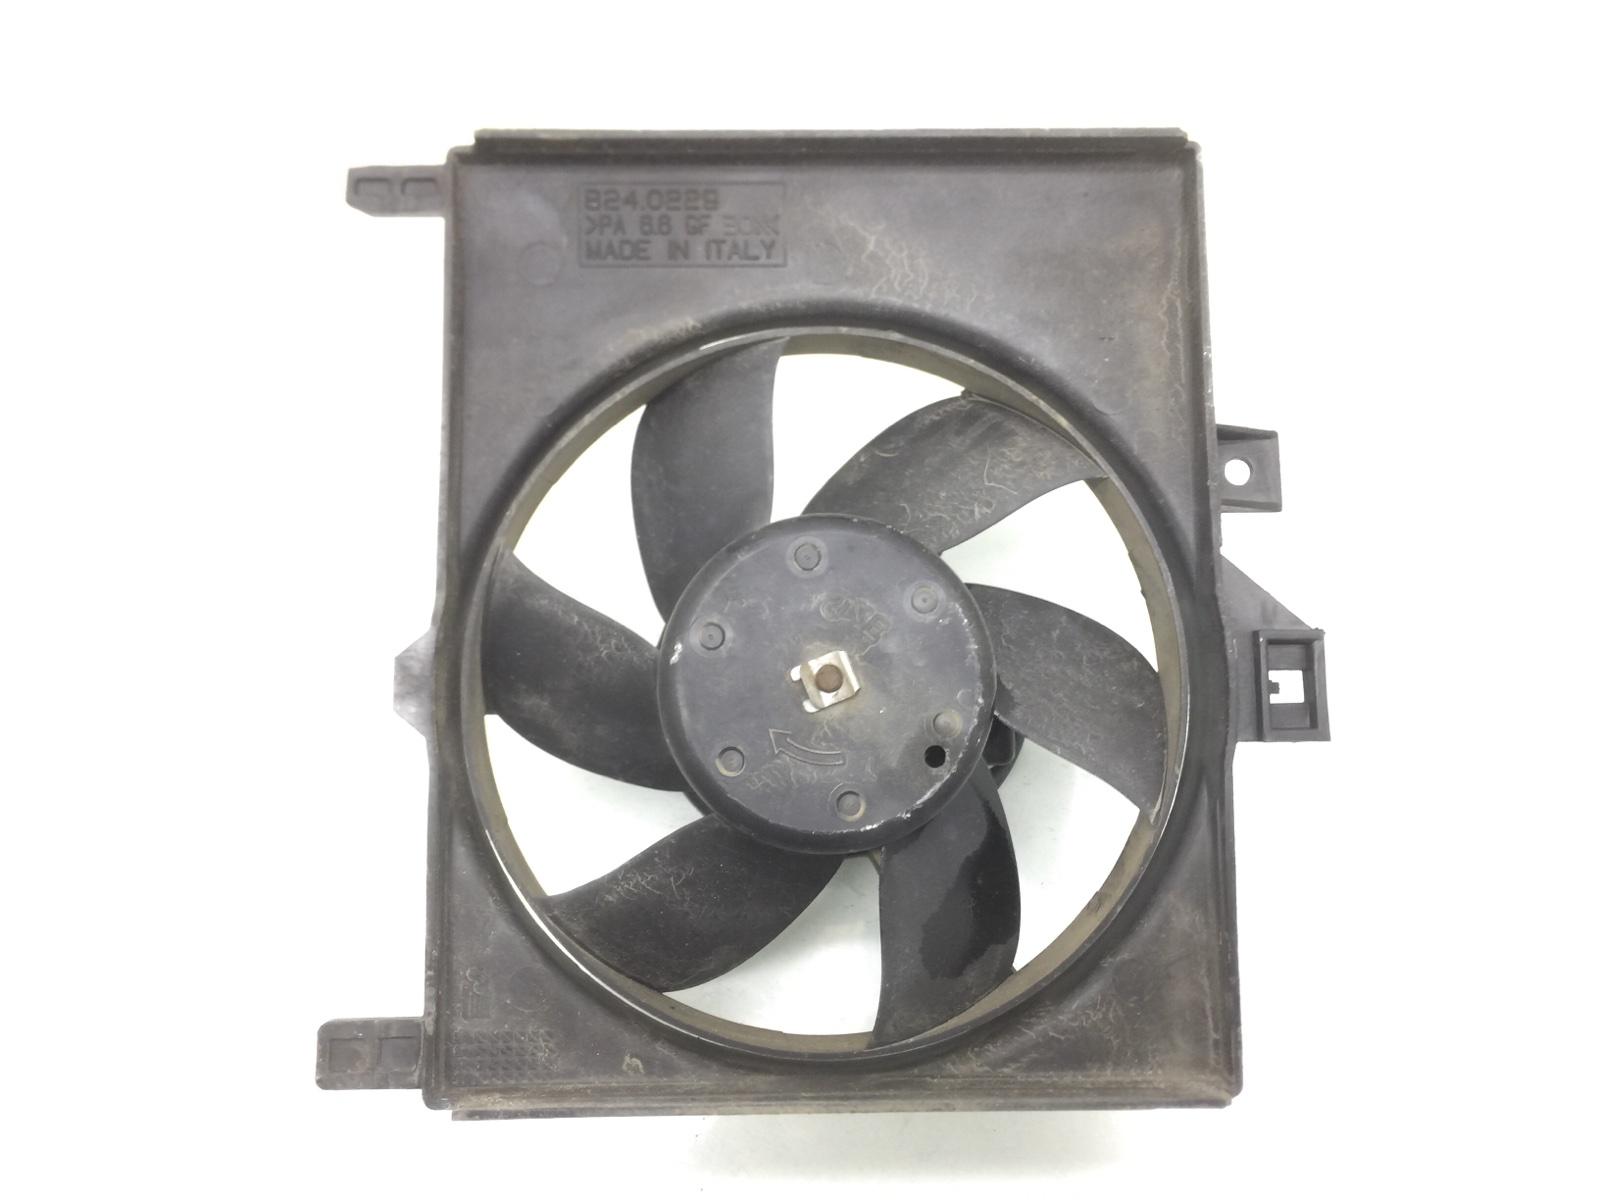 Вентилятор радиатора Smart Coupe CITY 0.6 I 2000 (б/у)